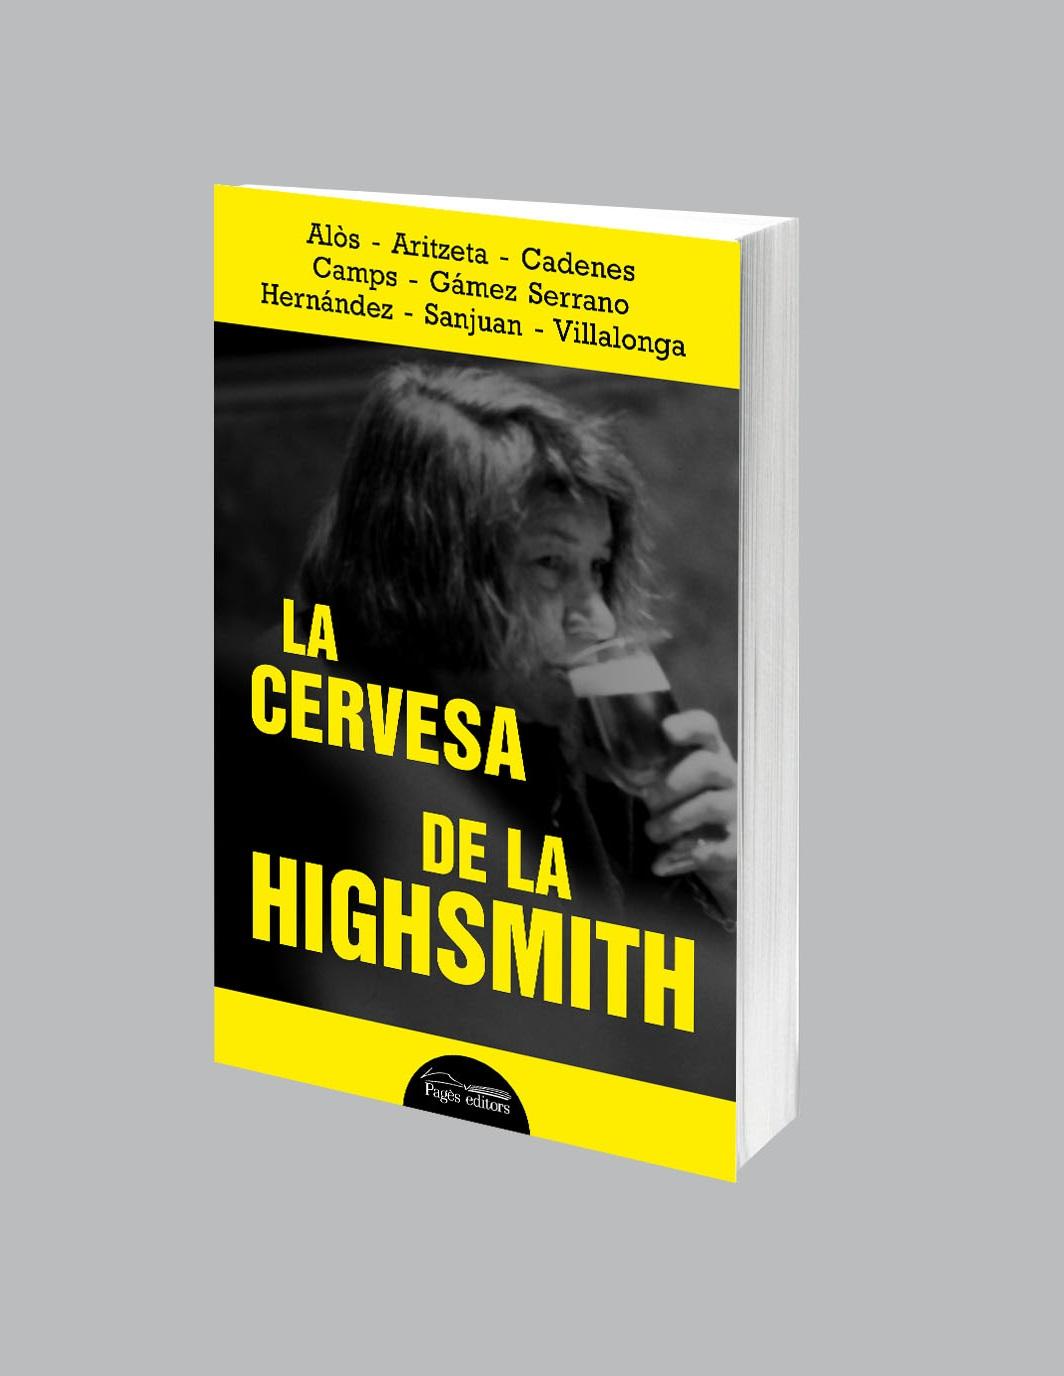 Pagès Editors presenta 'La cervesa de la Highsmith'